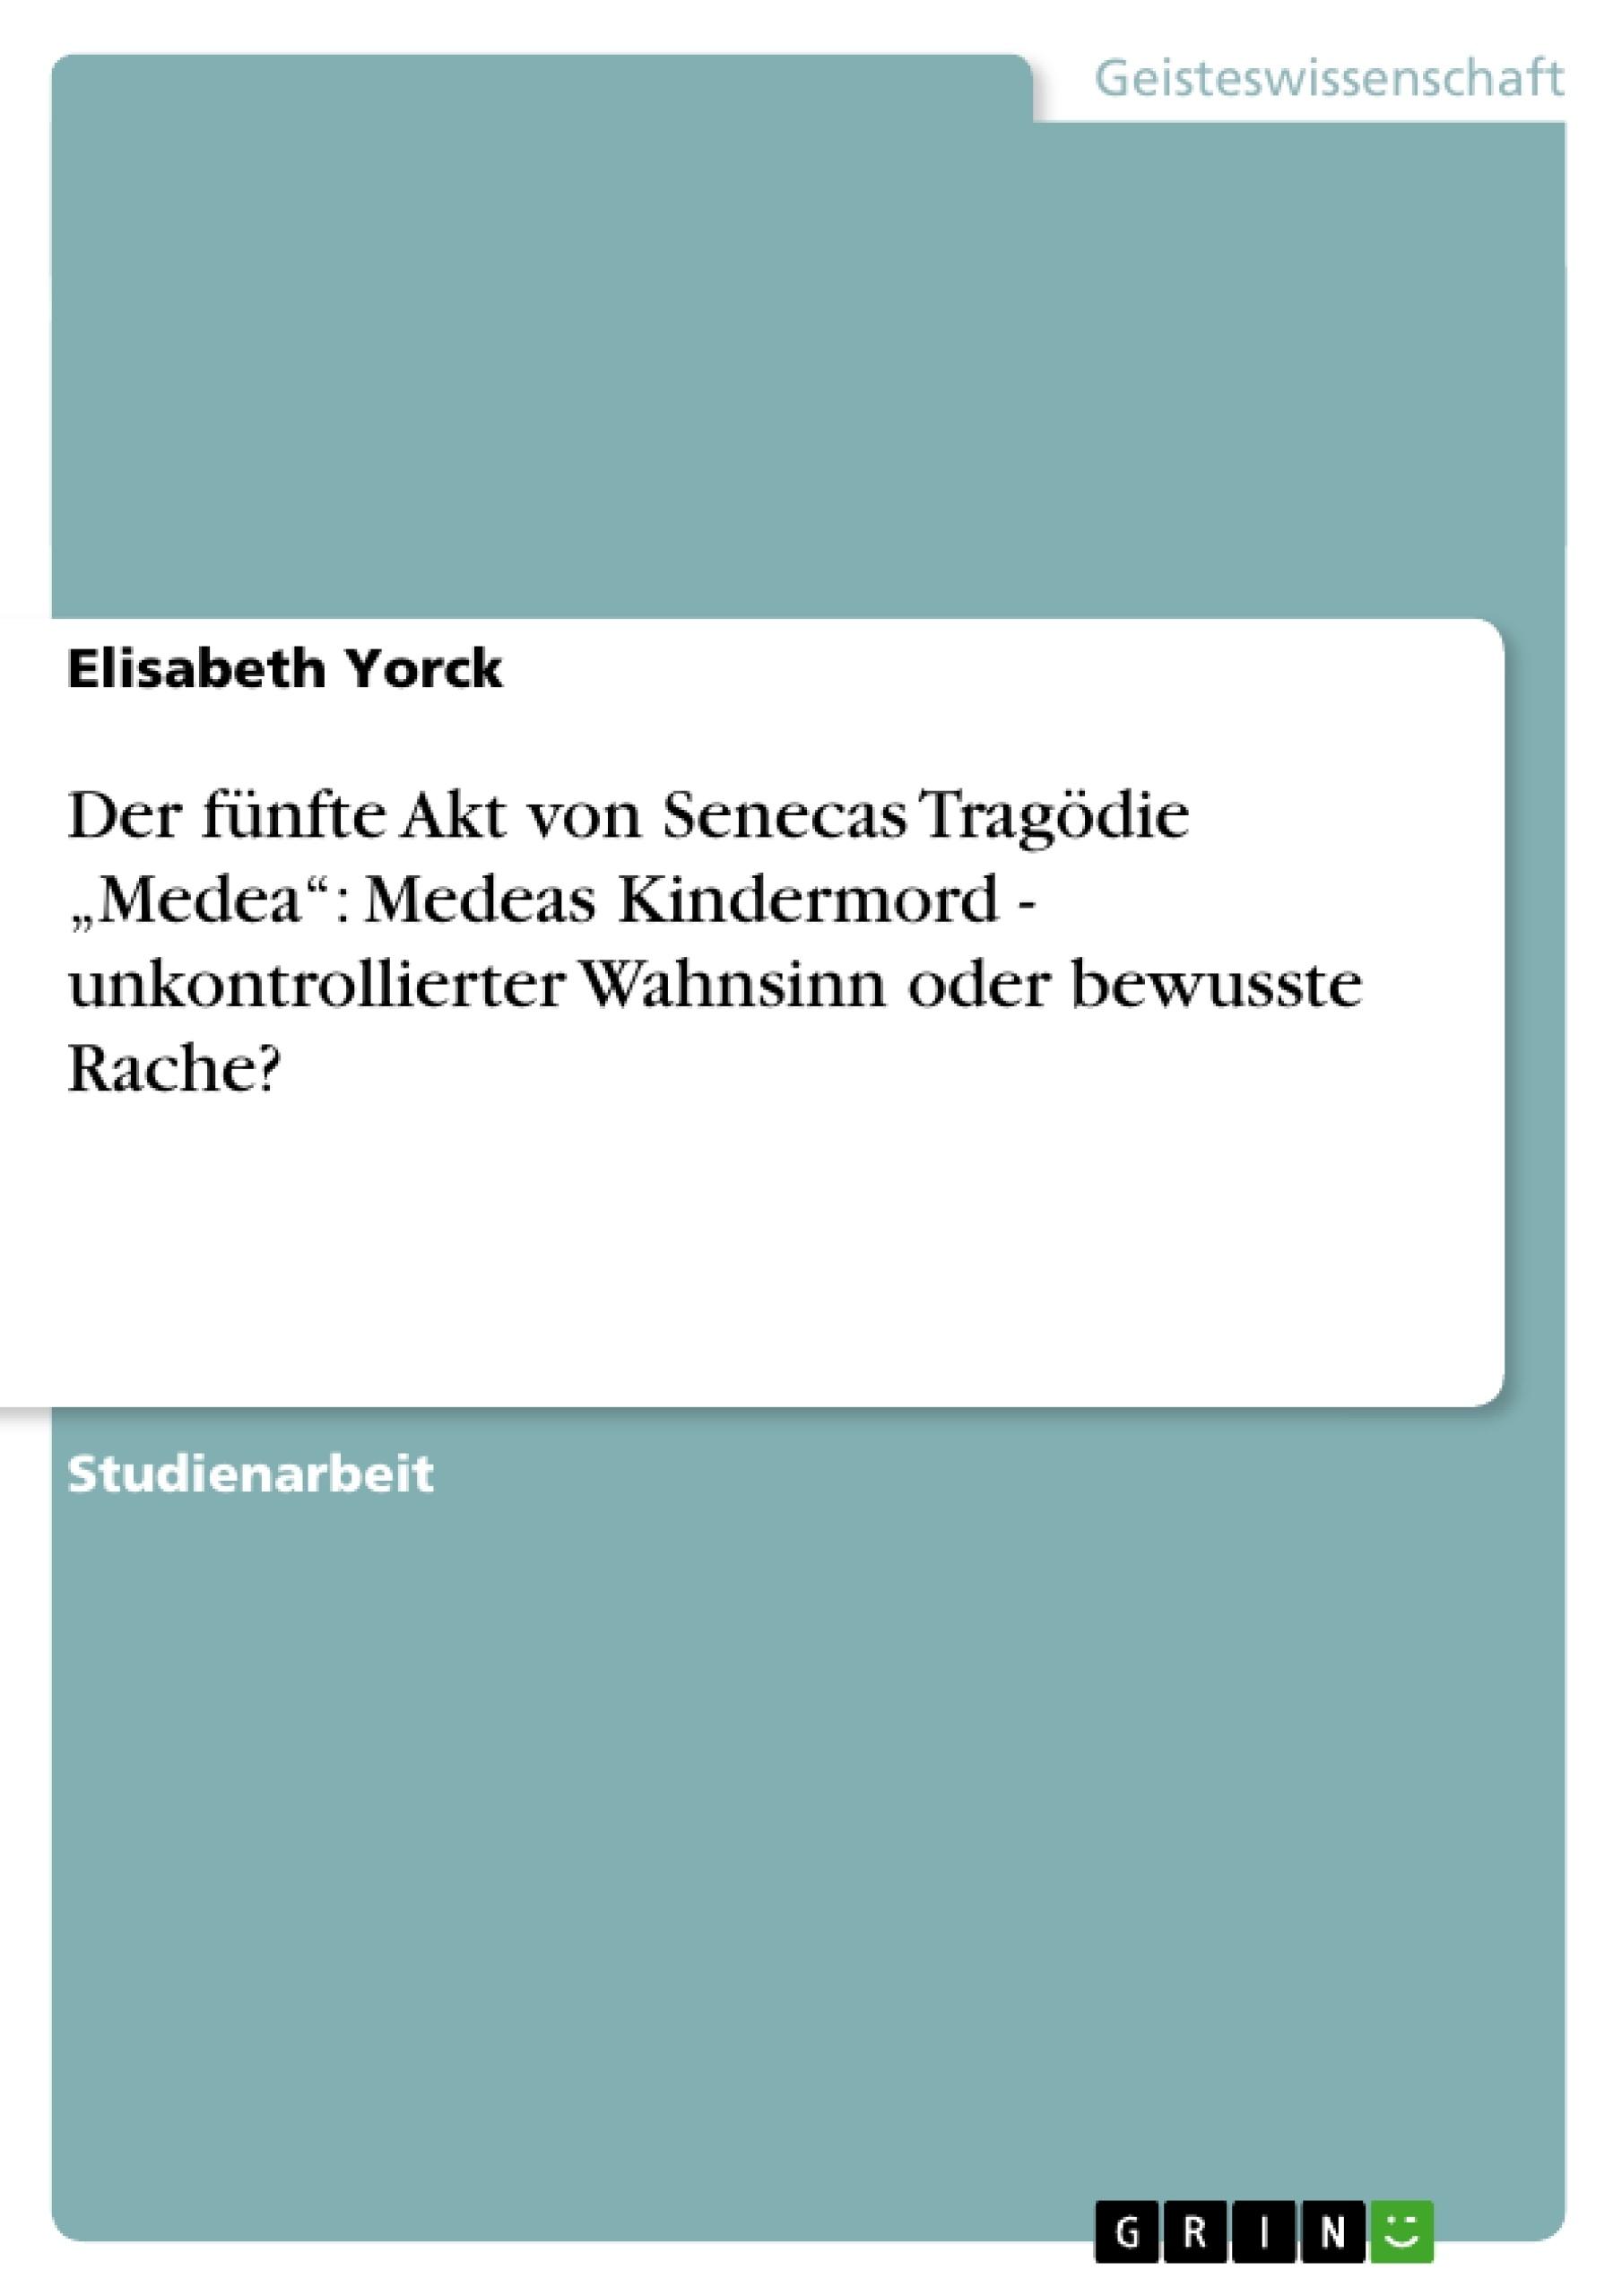 """Titel: Der fünfte Akt von Senecas Tragödie """"Medea"""": Medeas Kindermord - unkontrollierter Wahnsinn oder bewusste Rache?"""